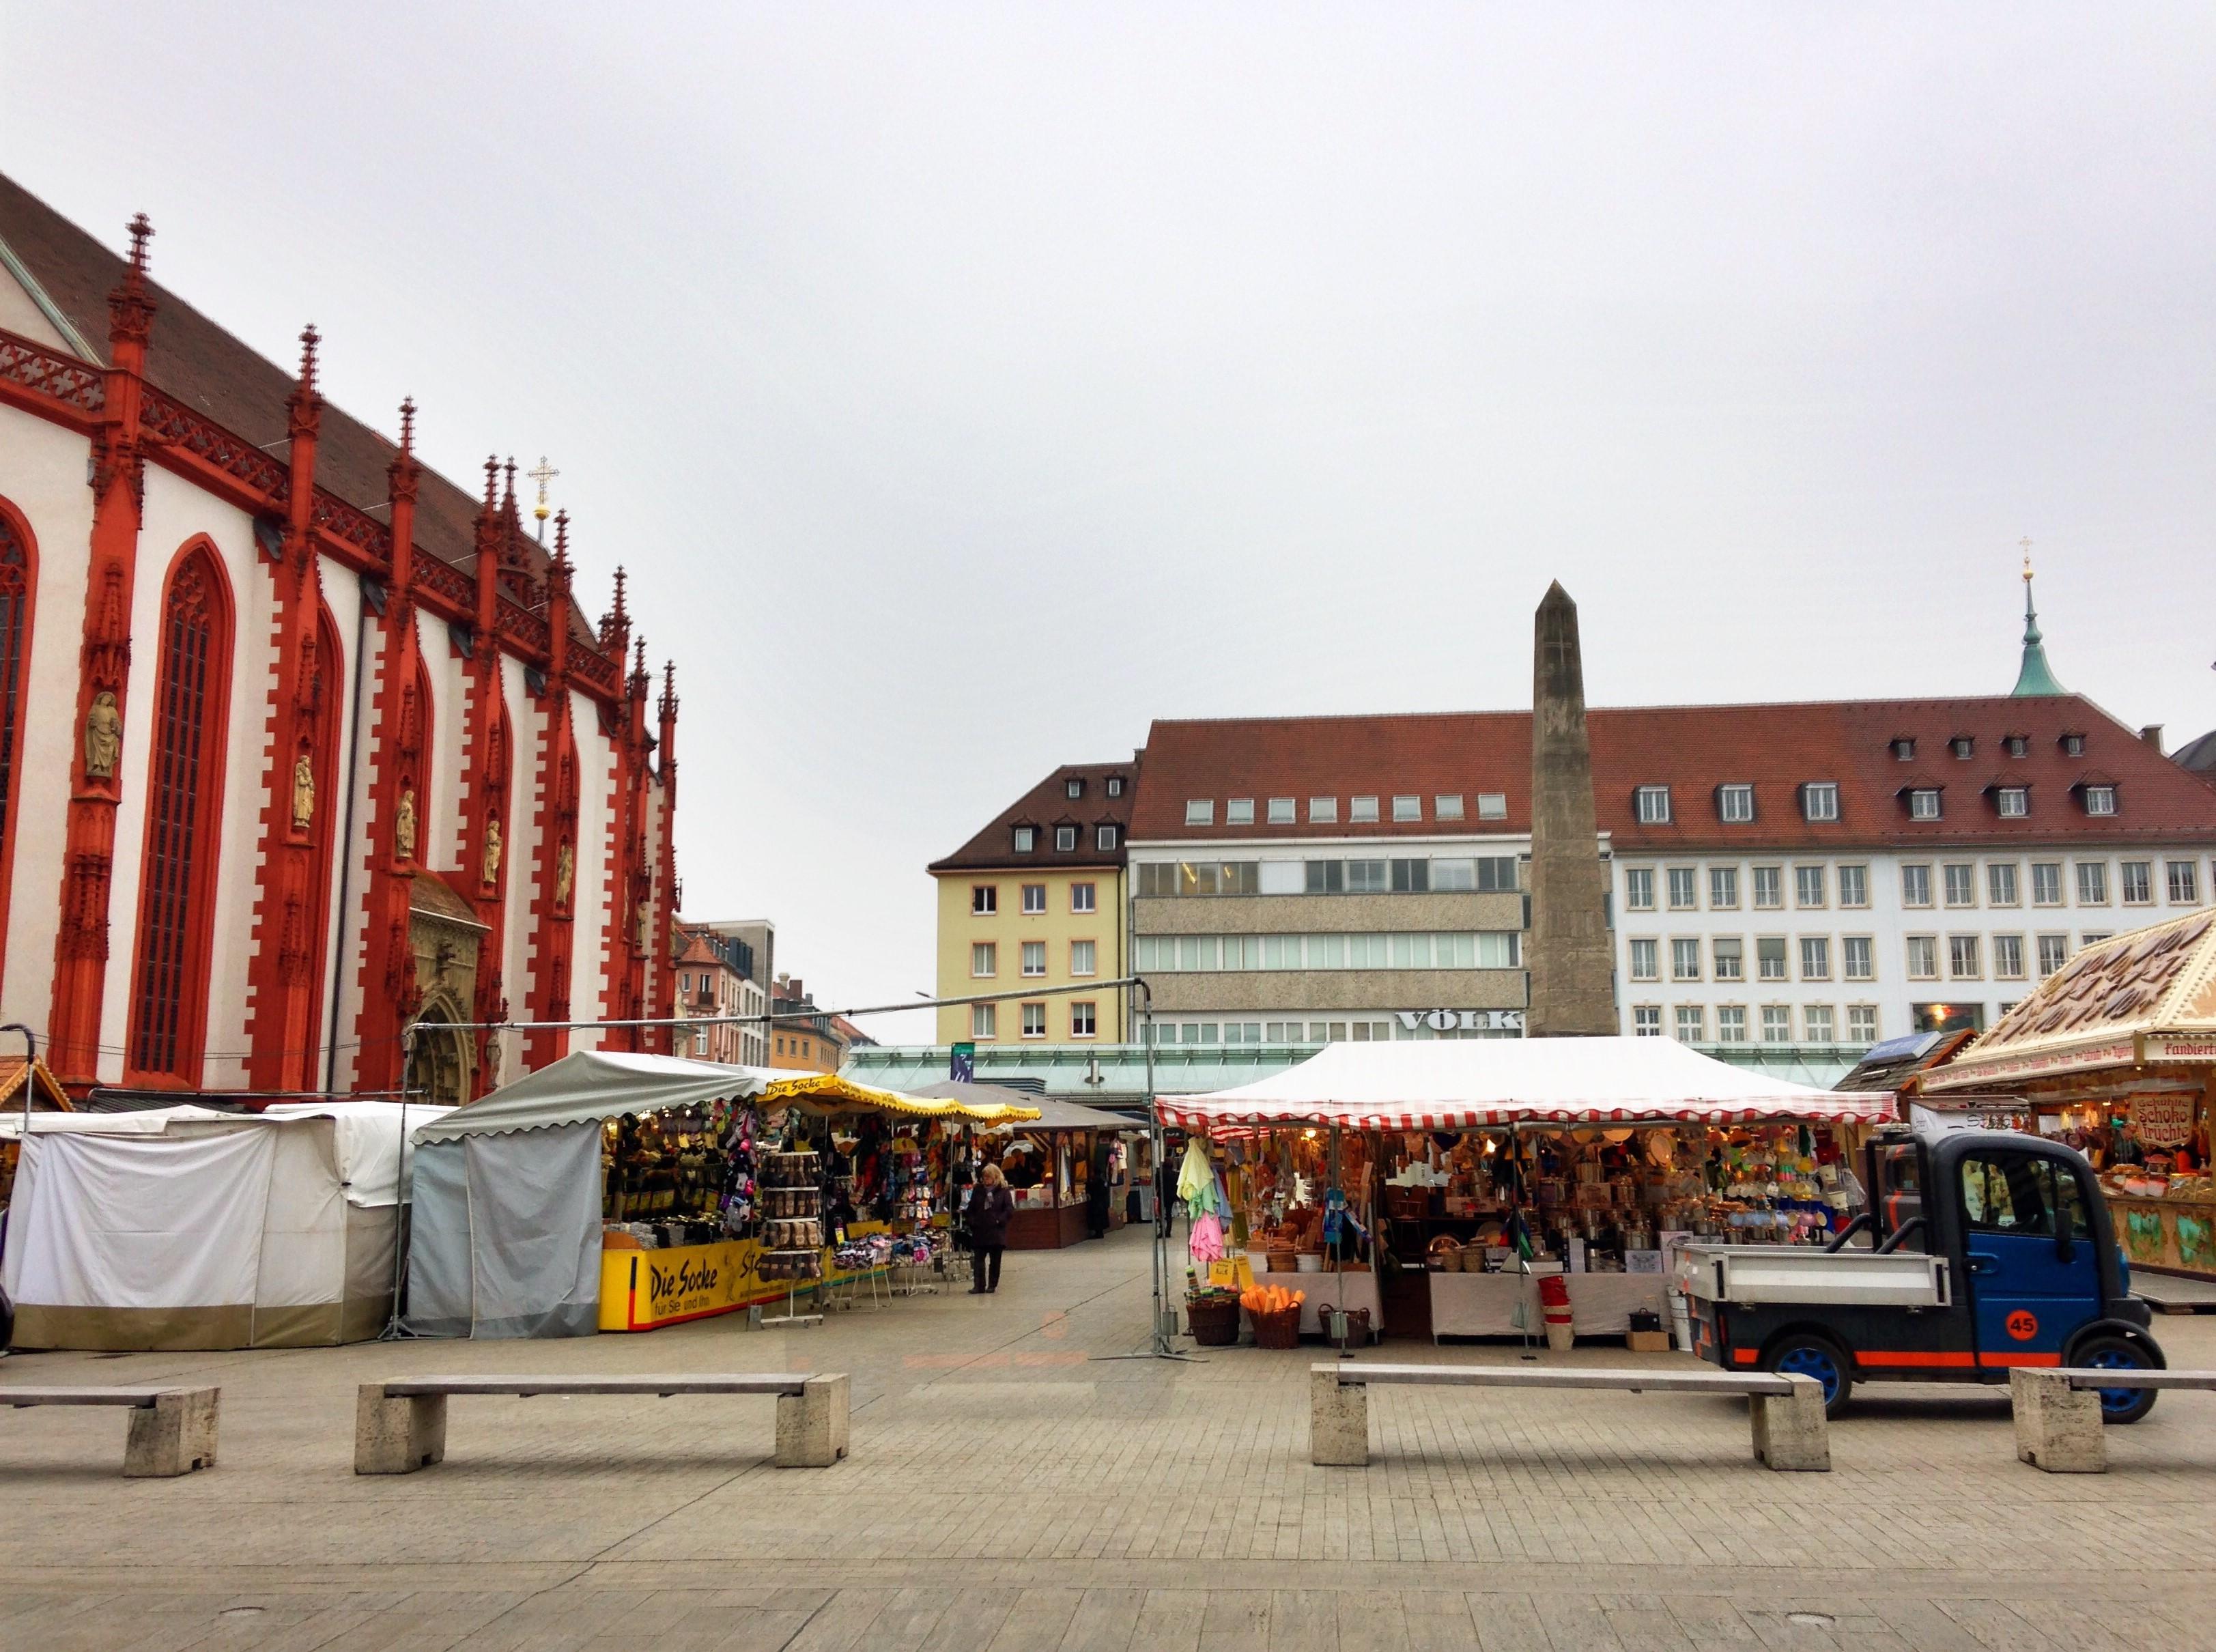 Der Marktplatz - Ausläufer des Frühlingsfests